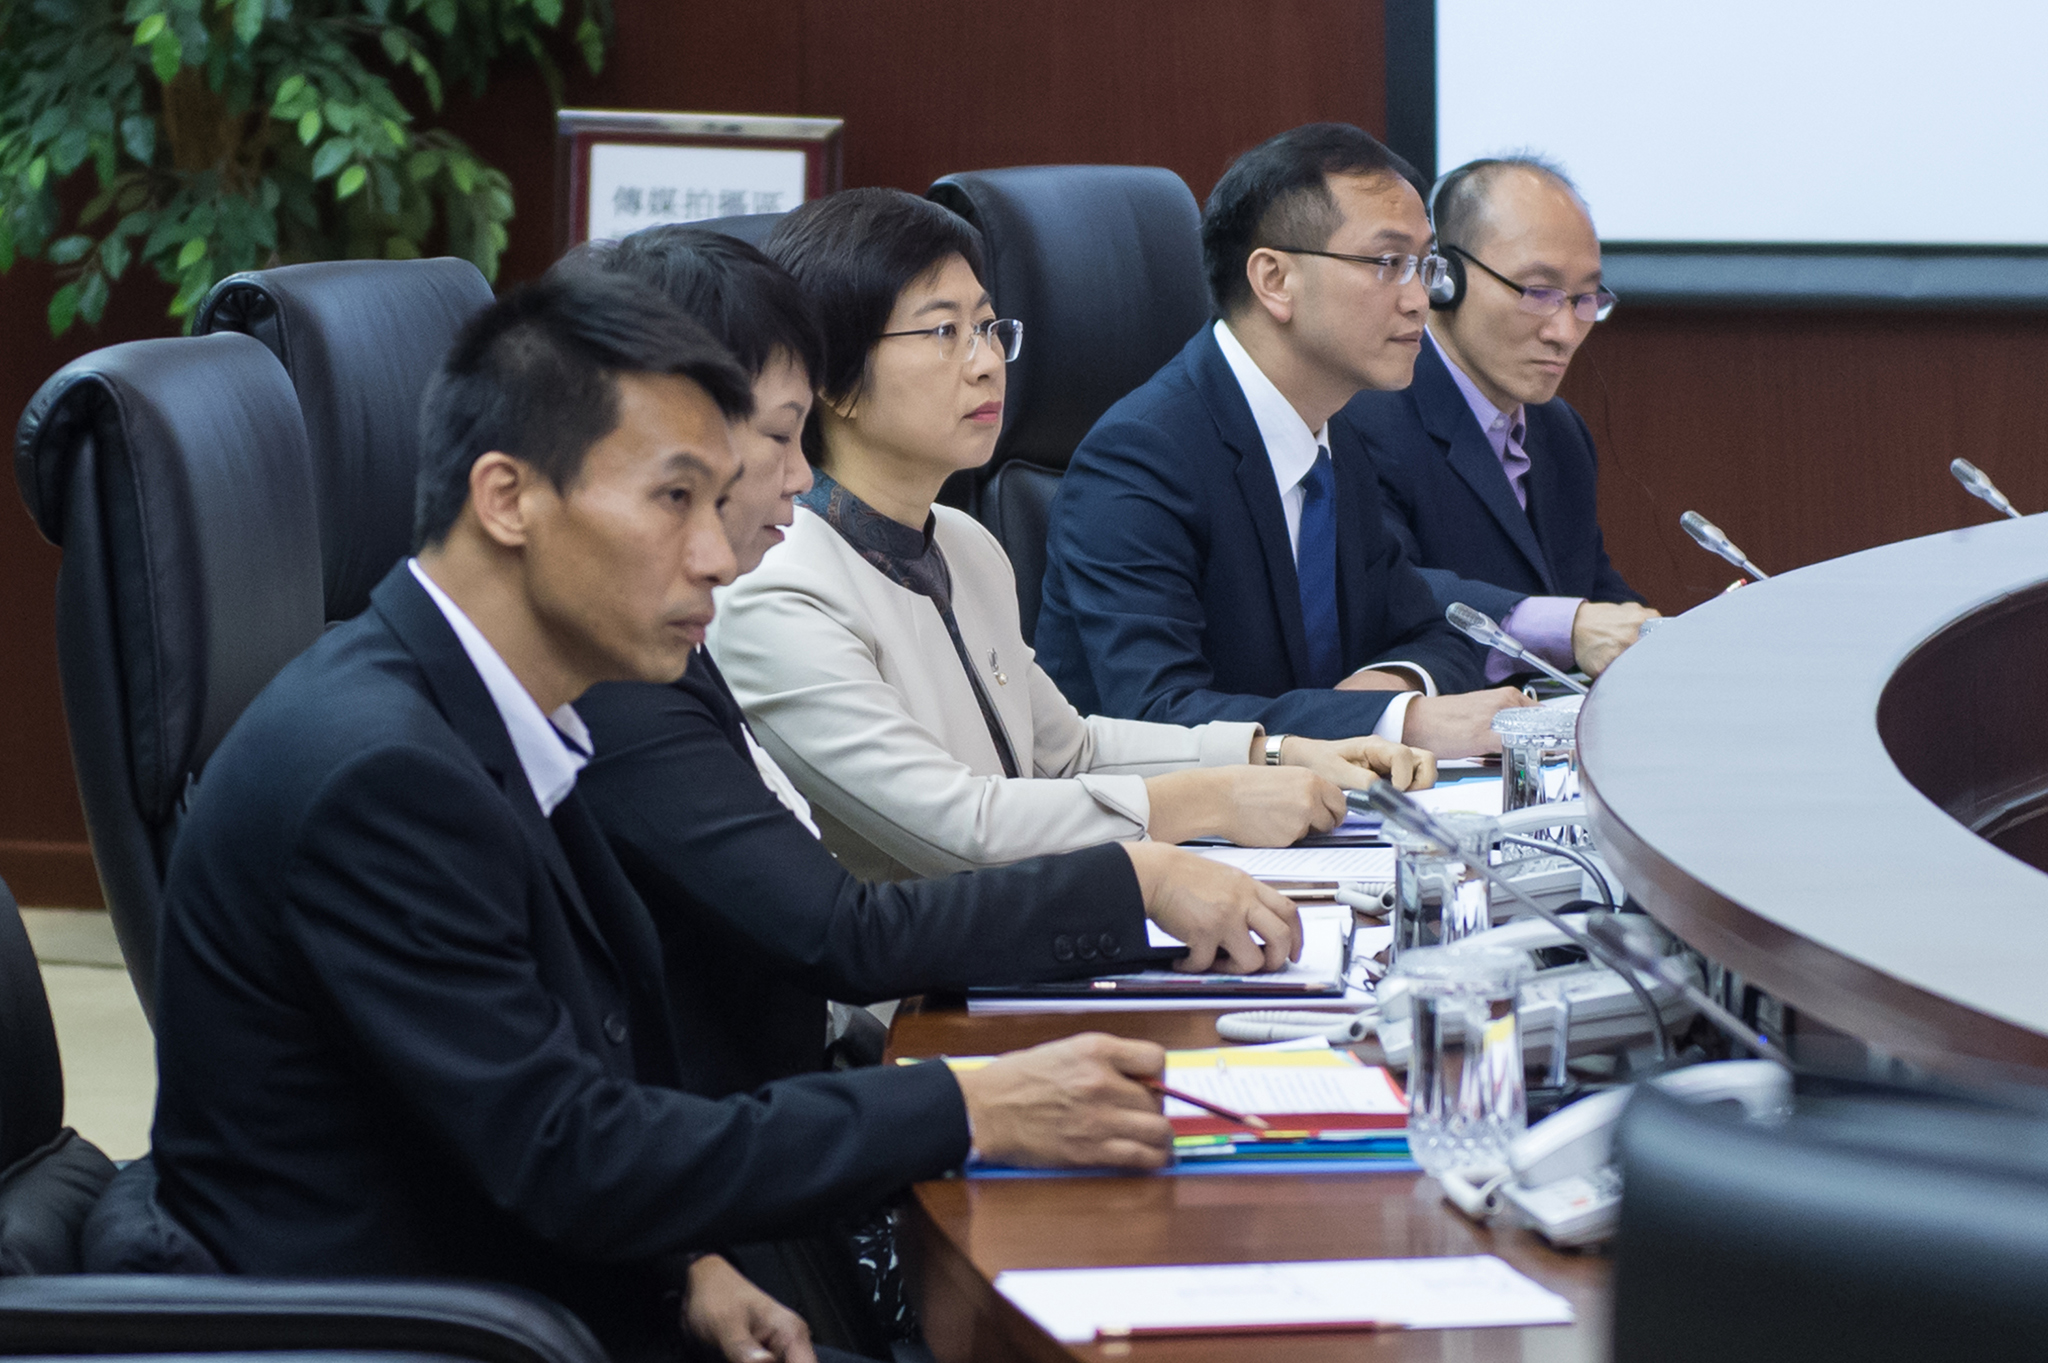 Eleições   Sónia Chan receia surpresas pró-independência